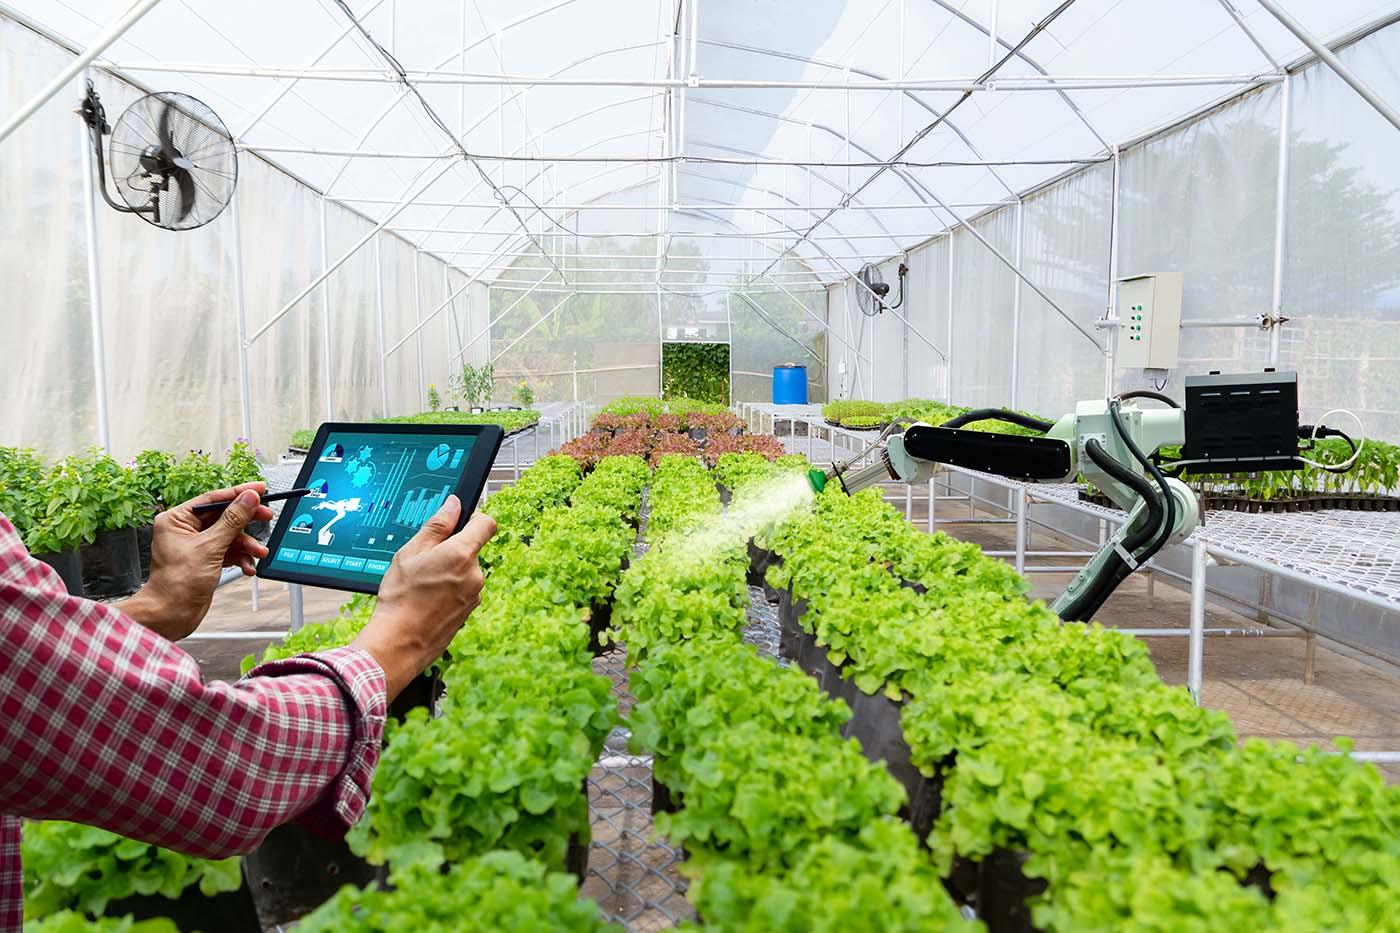 Agricultura Digital e o avanço da tecnologia